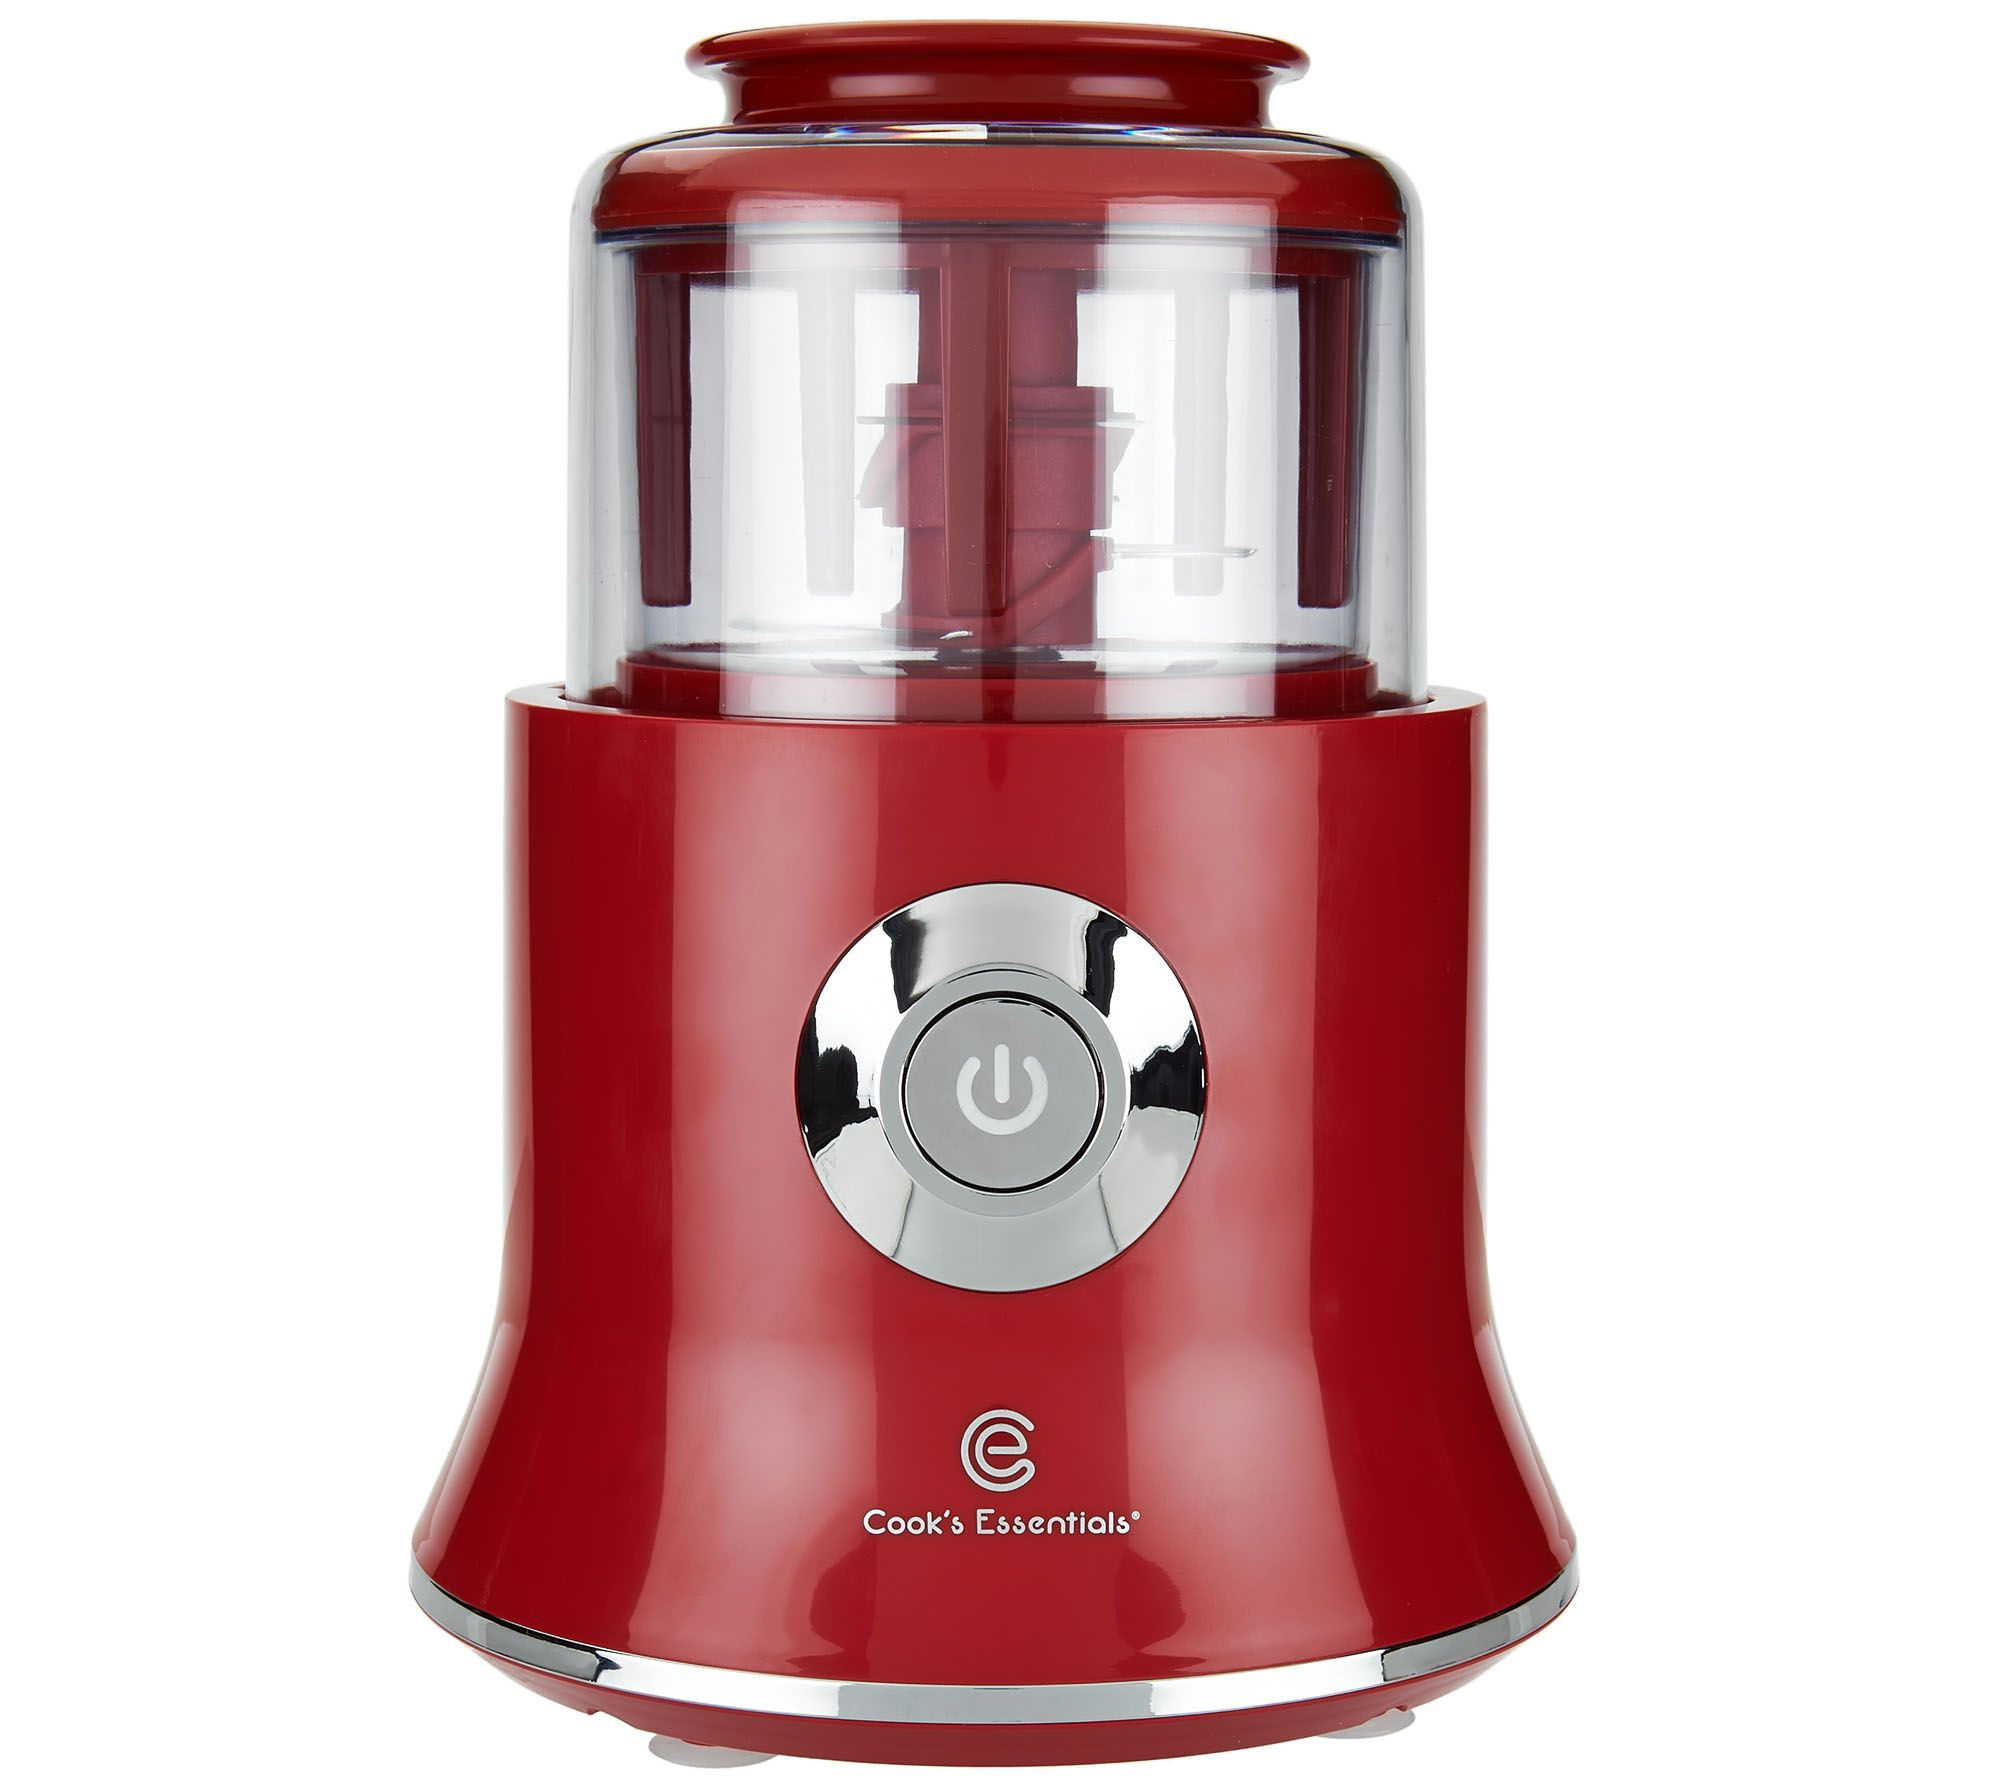 Uncategorized Cooks Kitchen Appliances cooks essentials food chopper w scraper page 1 qvc com